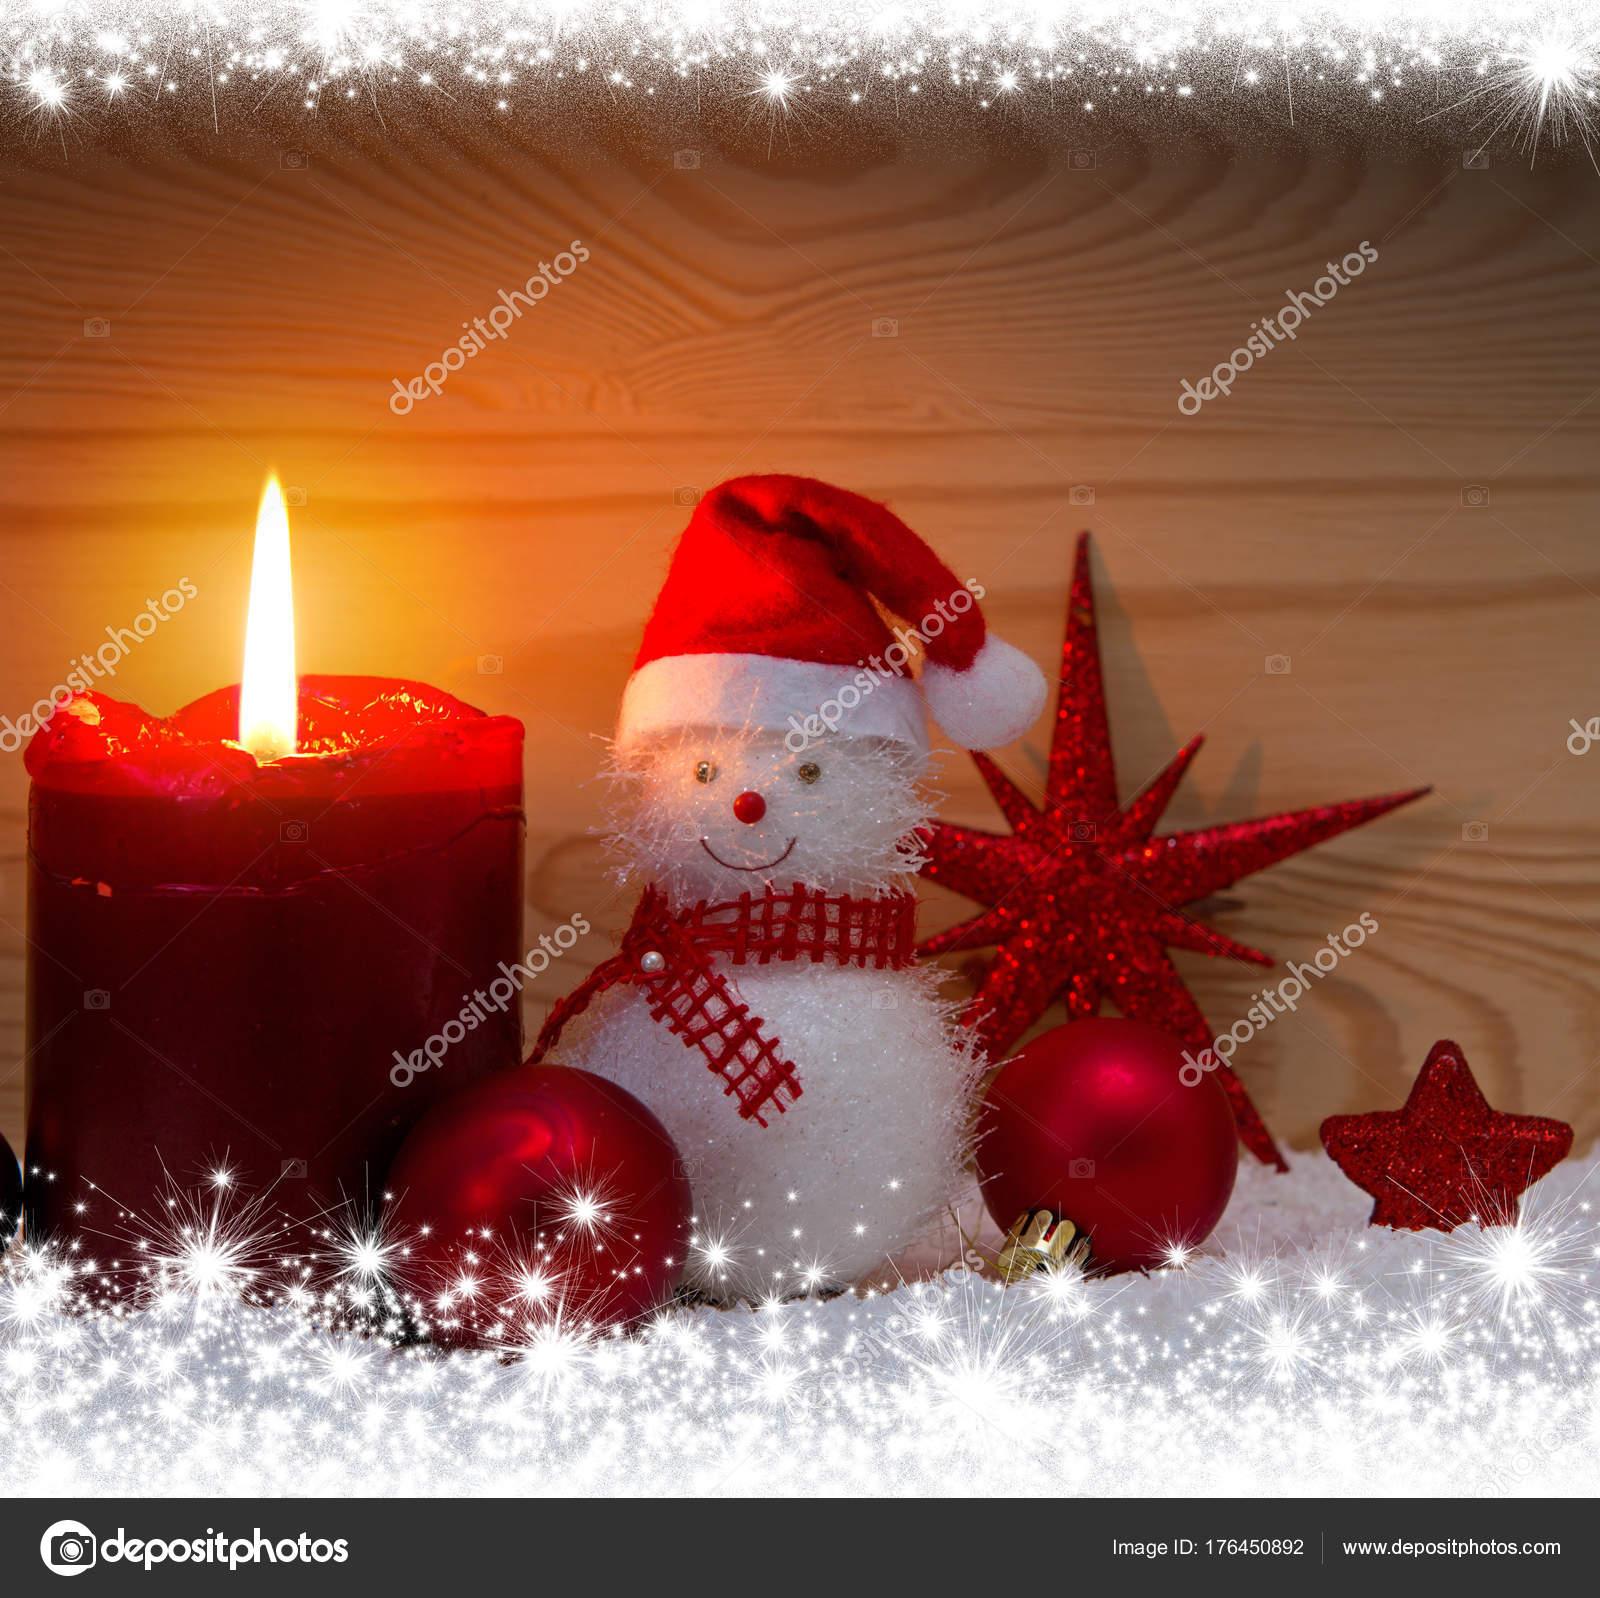 Immagini Di Natale Con La Neve.Pupazzo Di Neve Con Decorazioni Natalizie Sfondo Di Natale